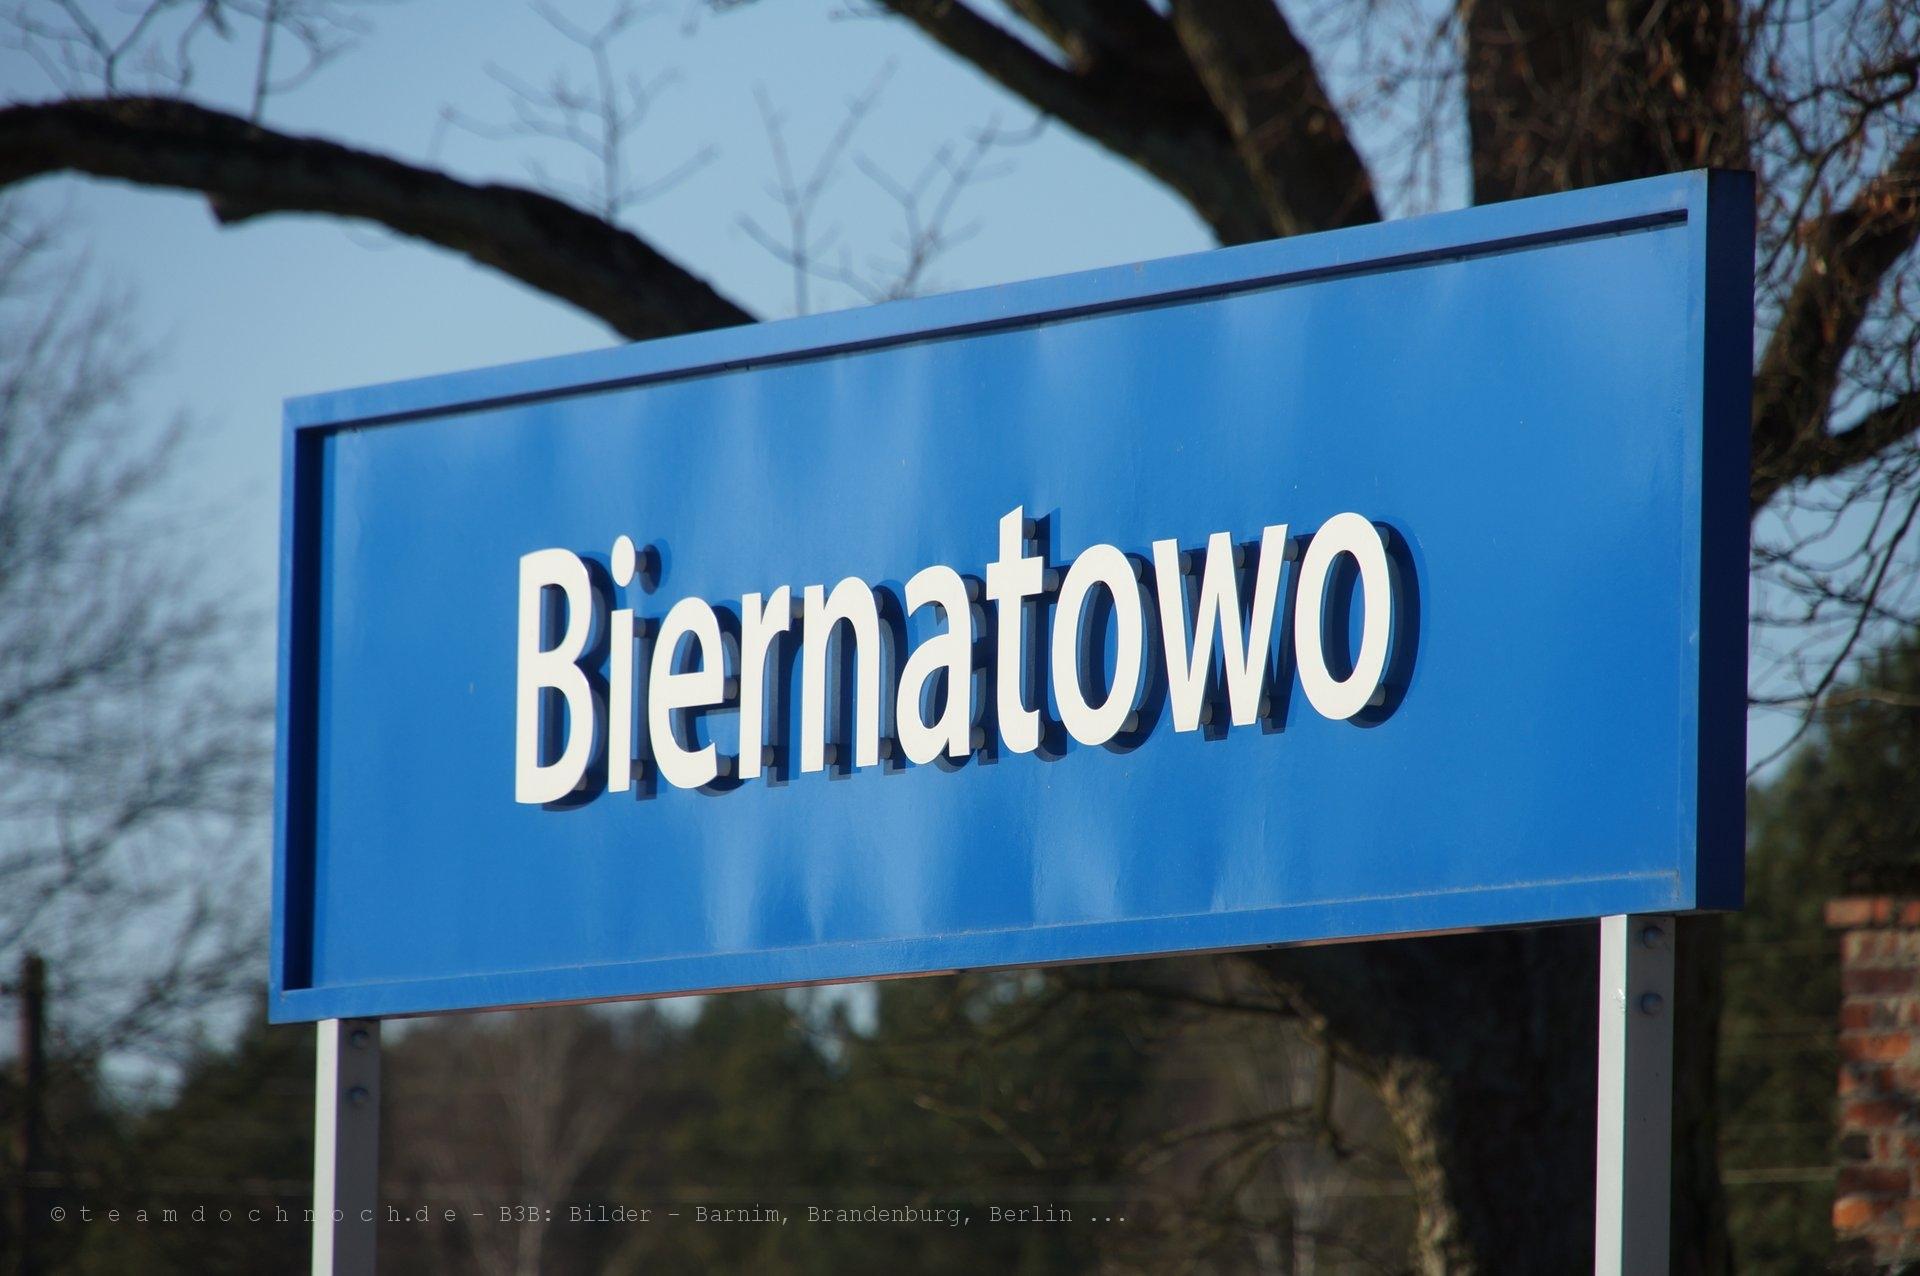 Bahnhof Biernatowo an der Ostbahn